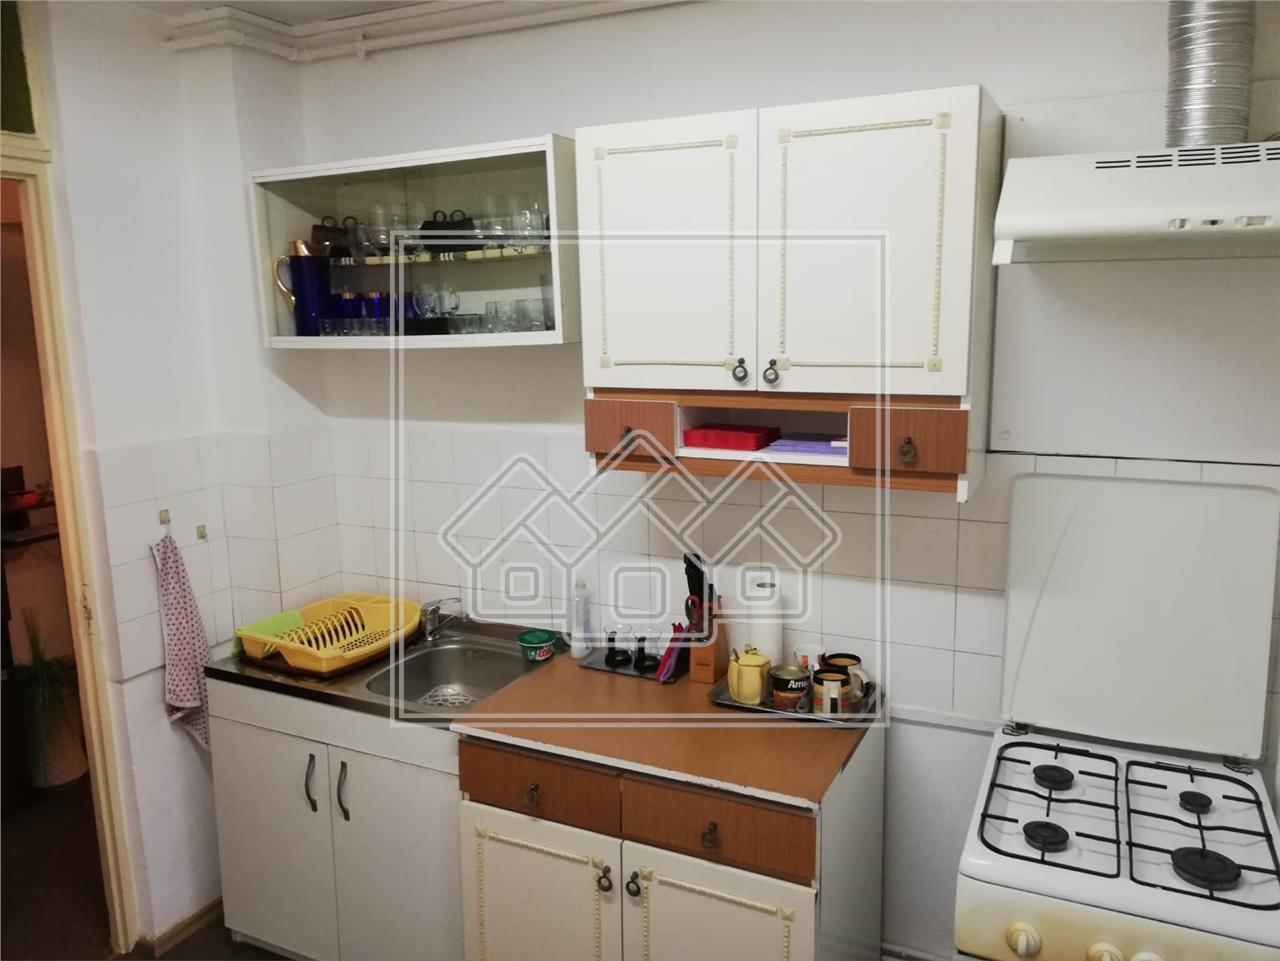 2-Zimmer-Wohnung zum Verkauf in Sibiu